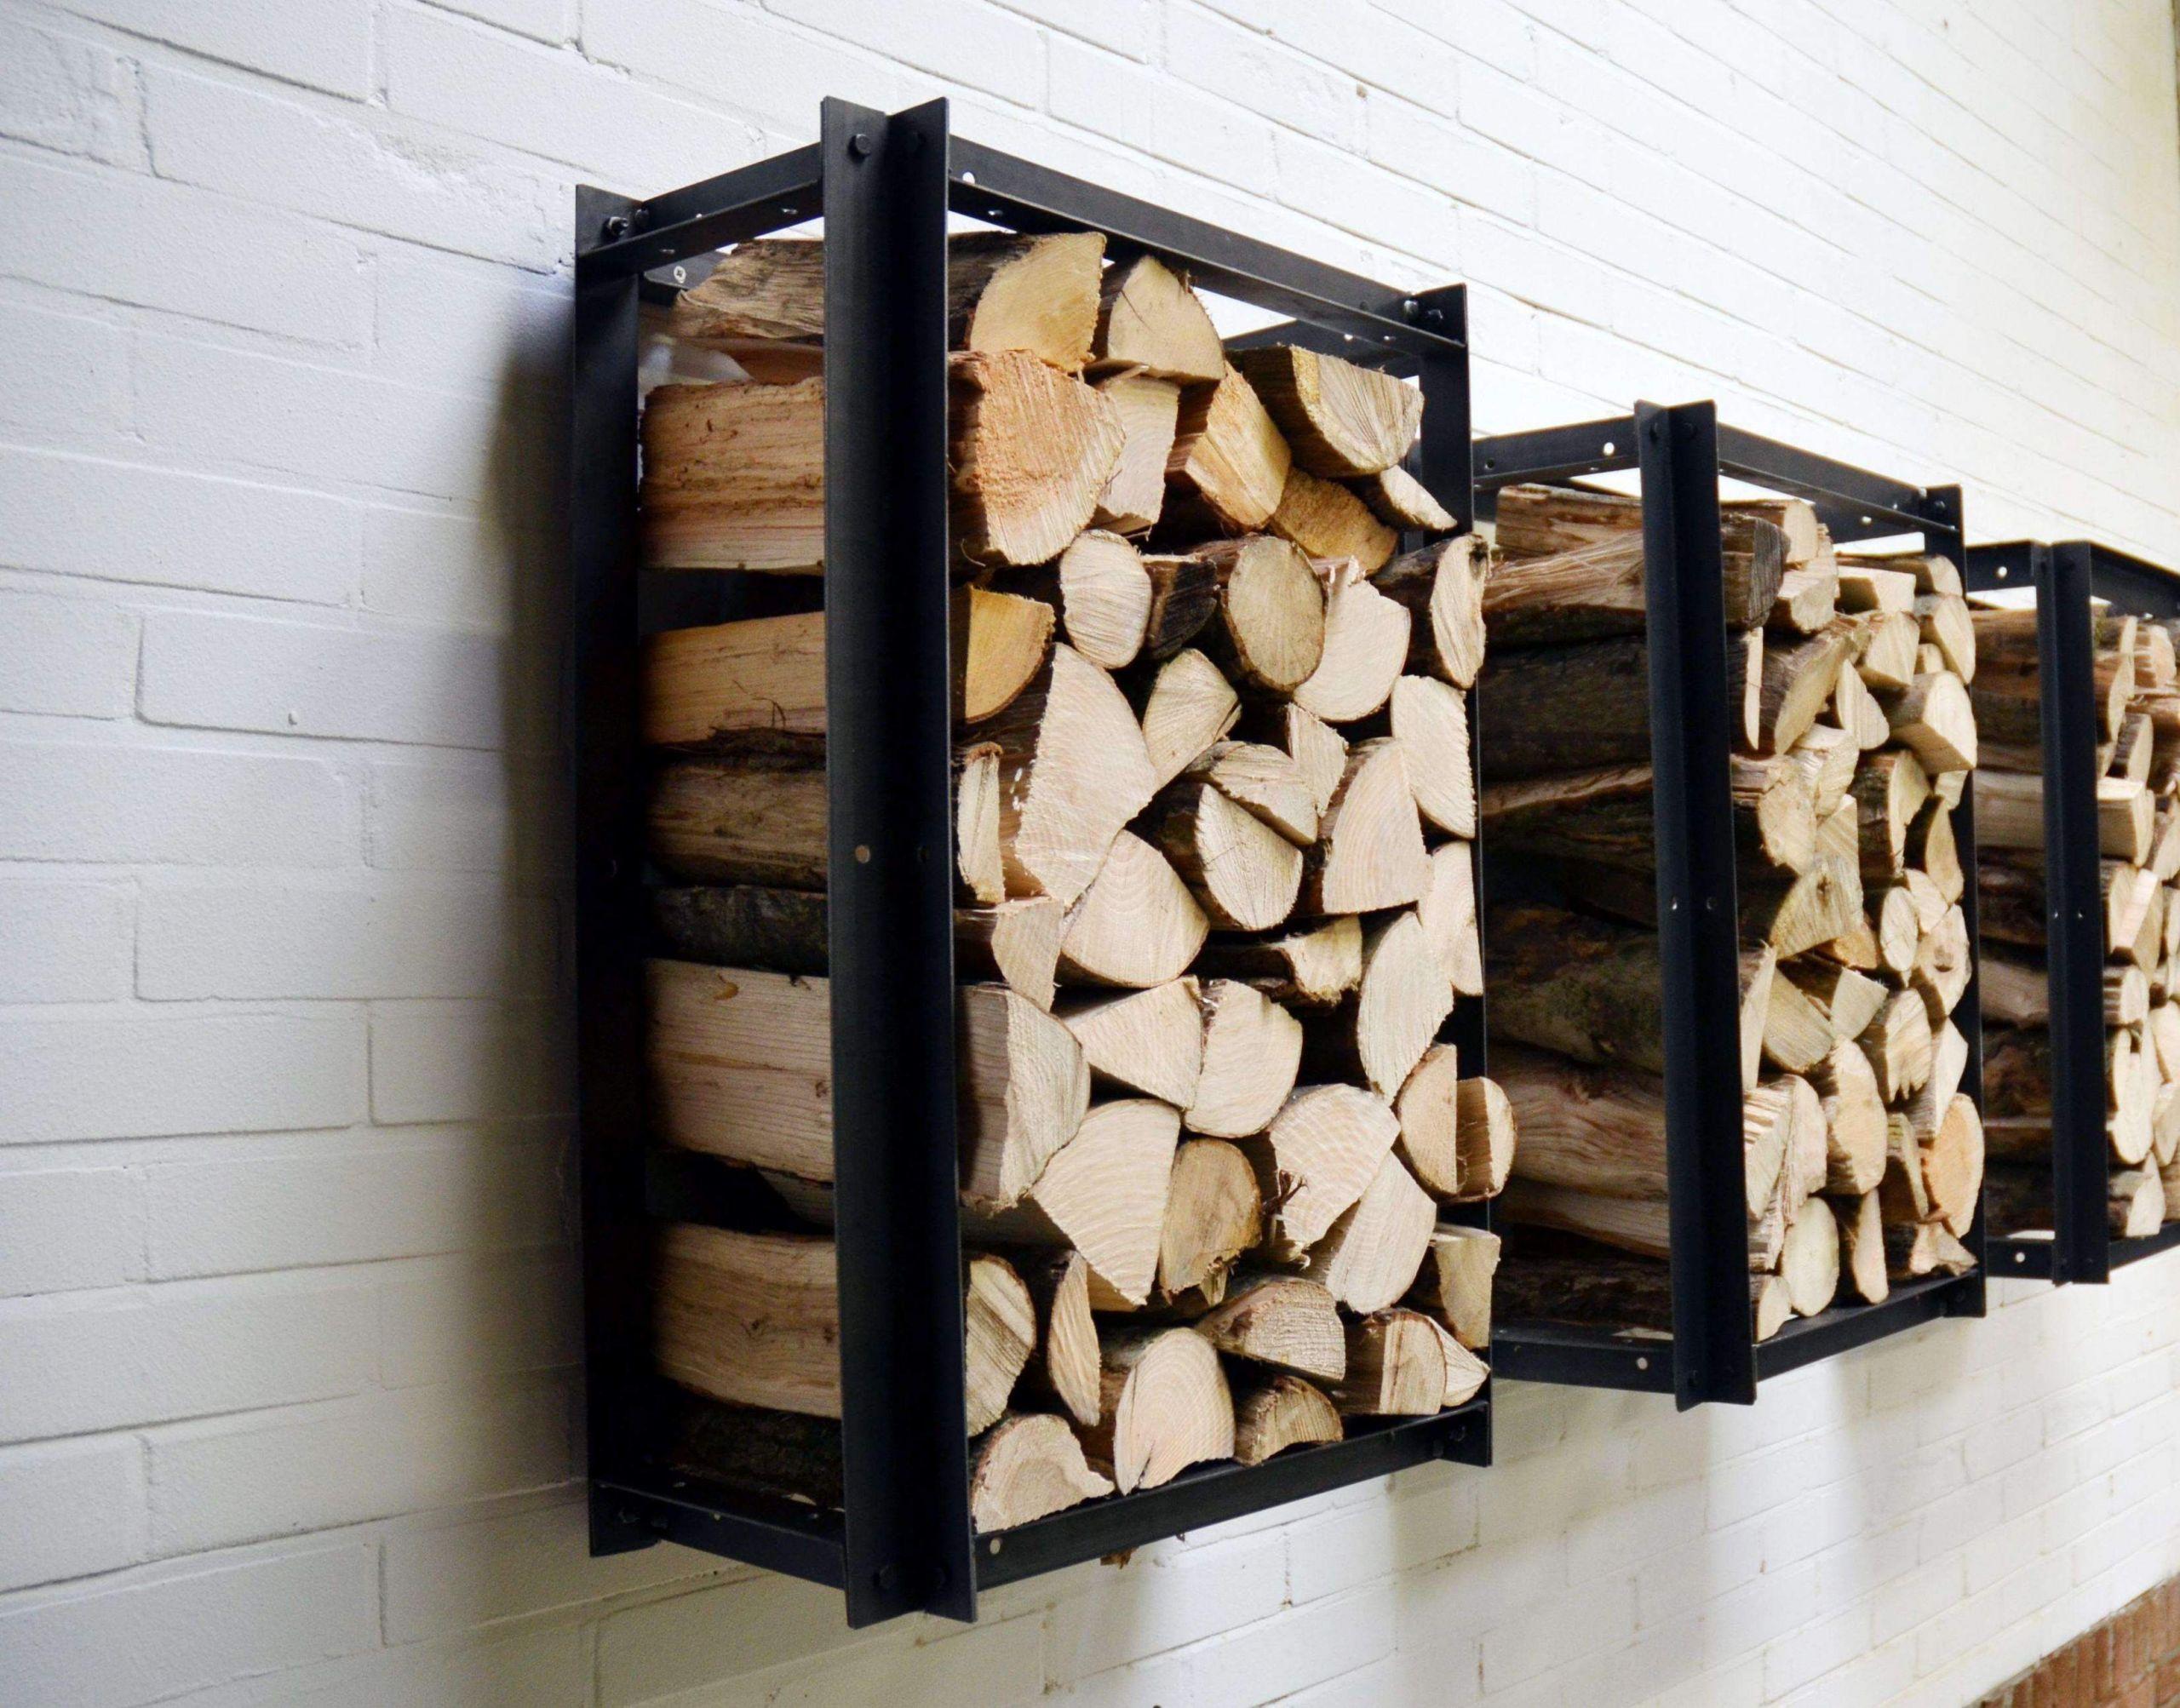 34 schon garten aufbewahrung brennholz lagern ideen brennholz lagern ideen